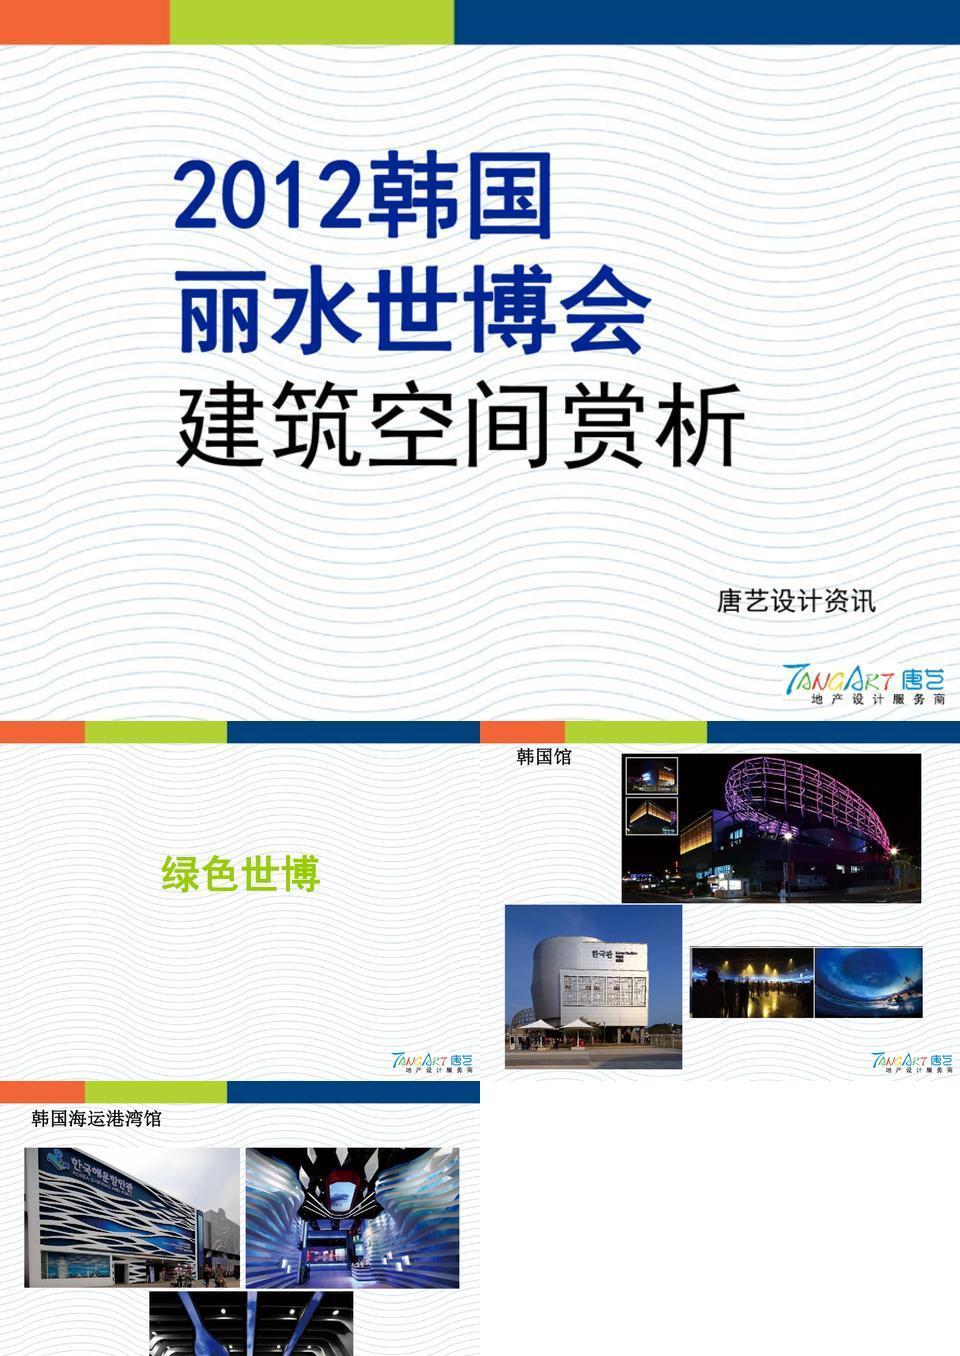 2012韩国丽水世博会建筑空间赏析.ppt